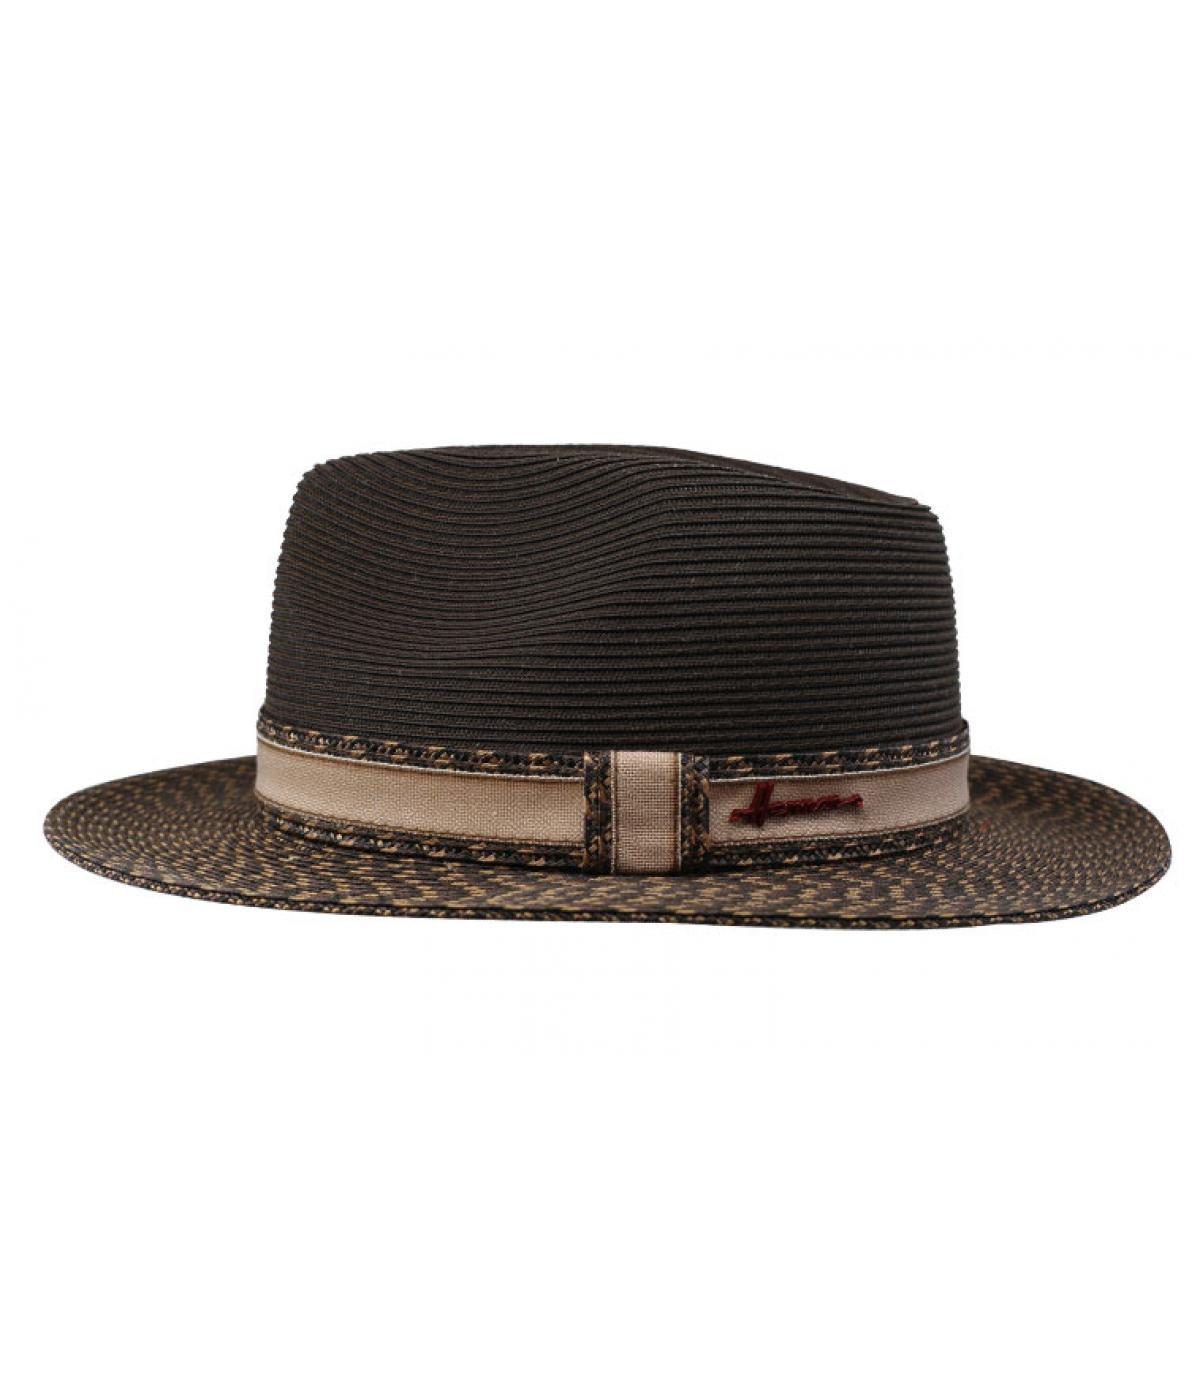 Détails Mac Corleone brown - image 2